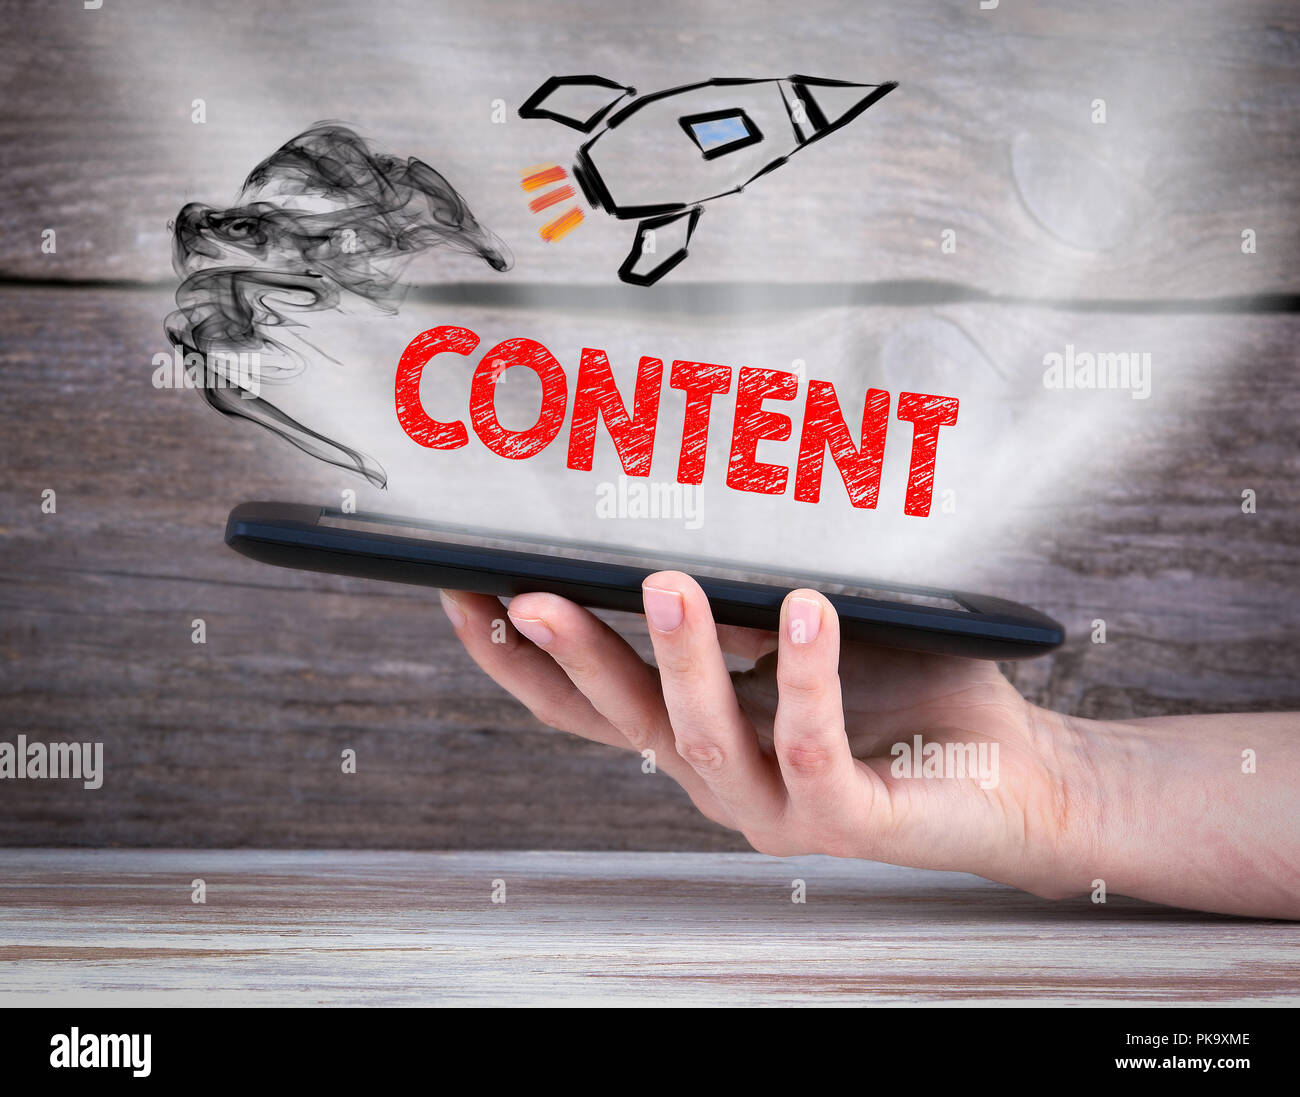 Contenuti e social media Immagini Stock